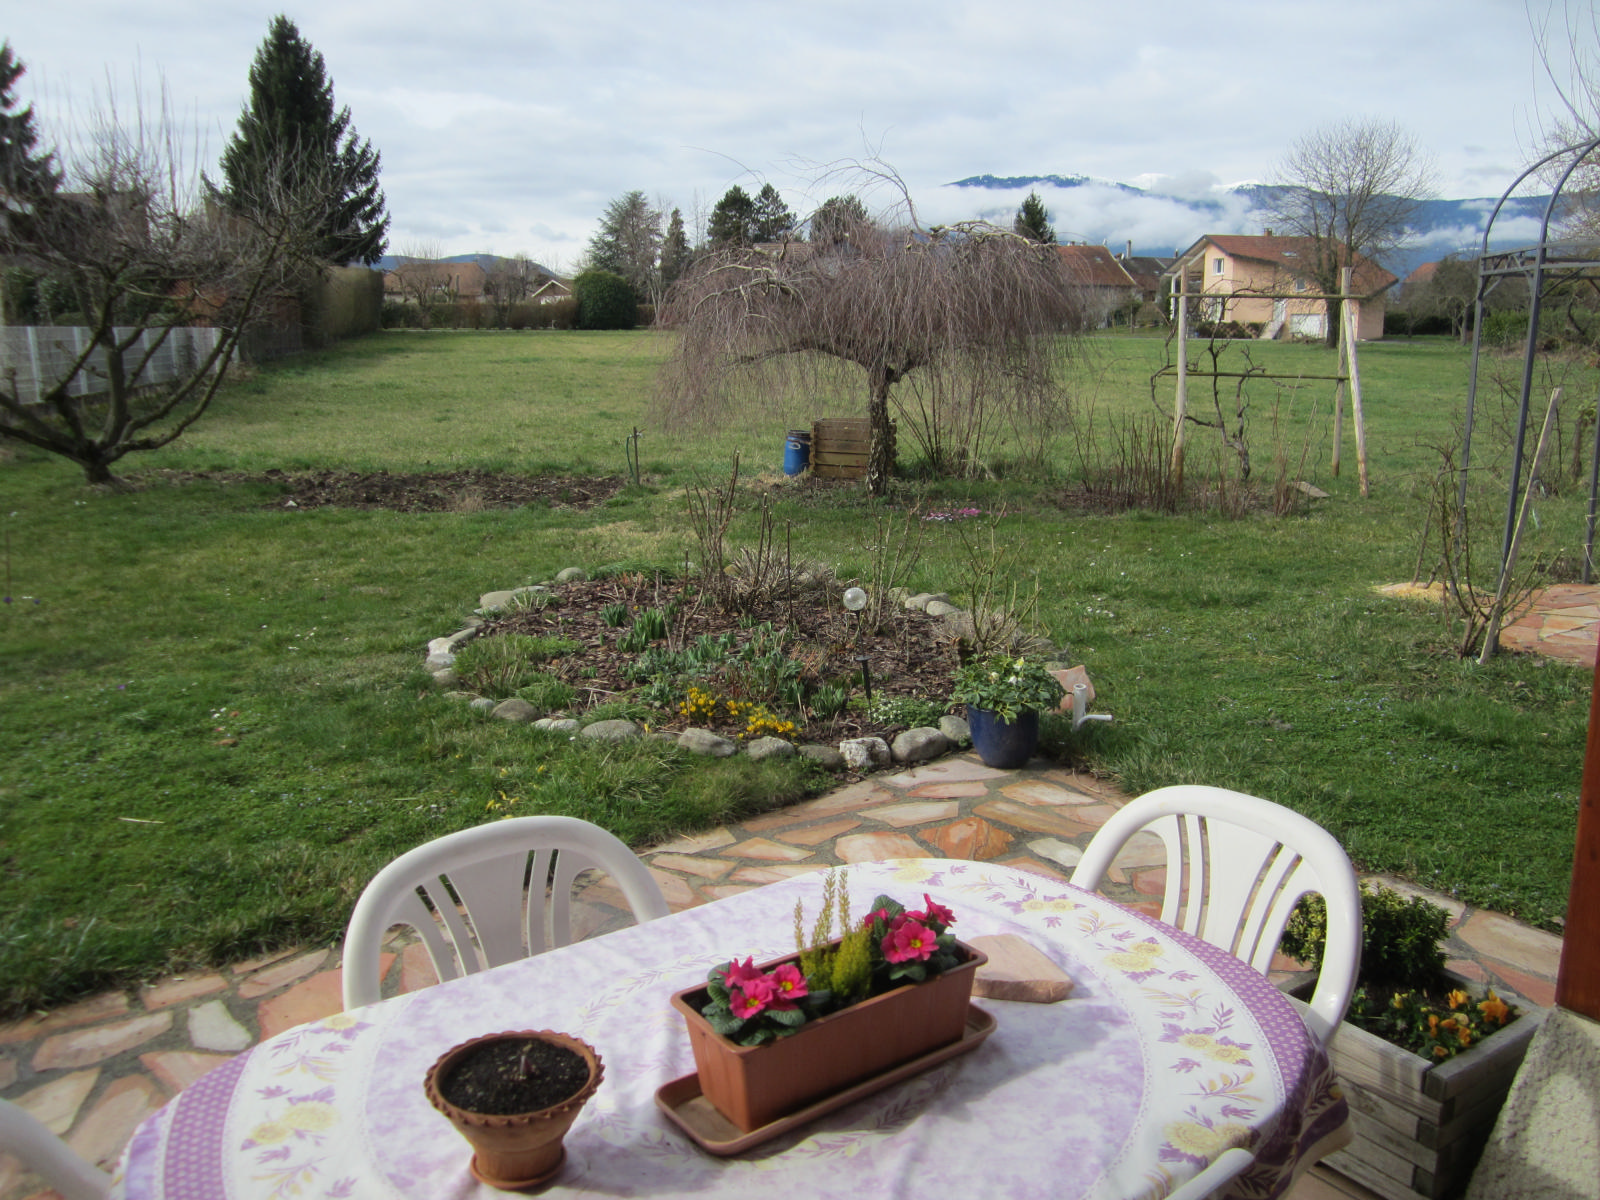 EXCLUSIVITE VIRY dans le charmant petit hameau de Malagny agréable maison mitoyenne...